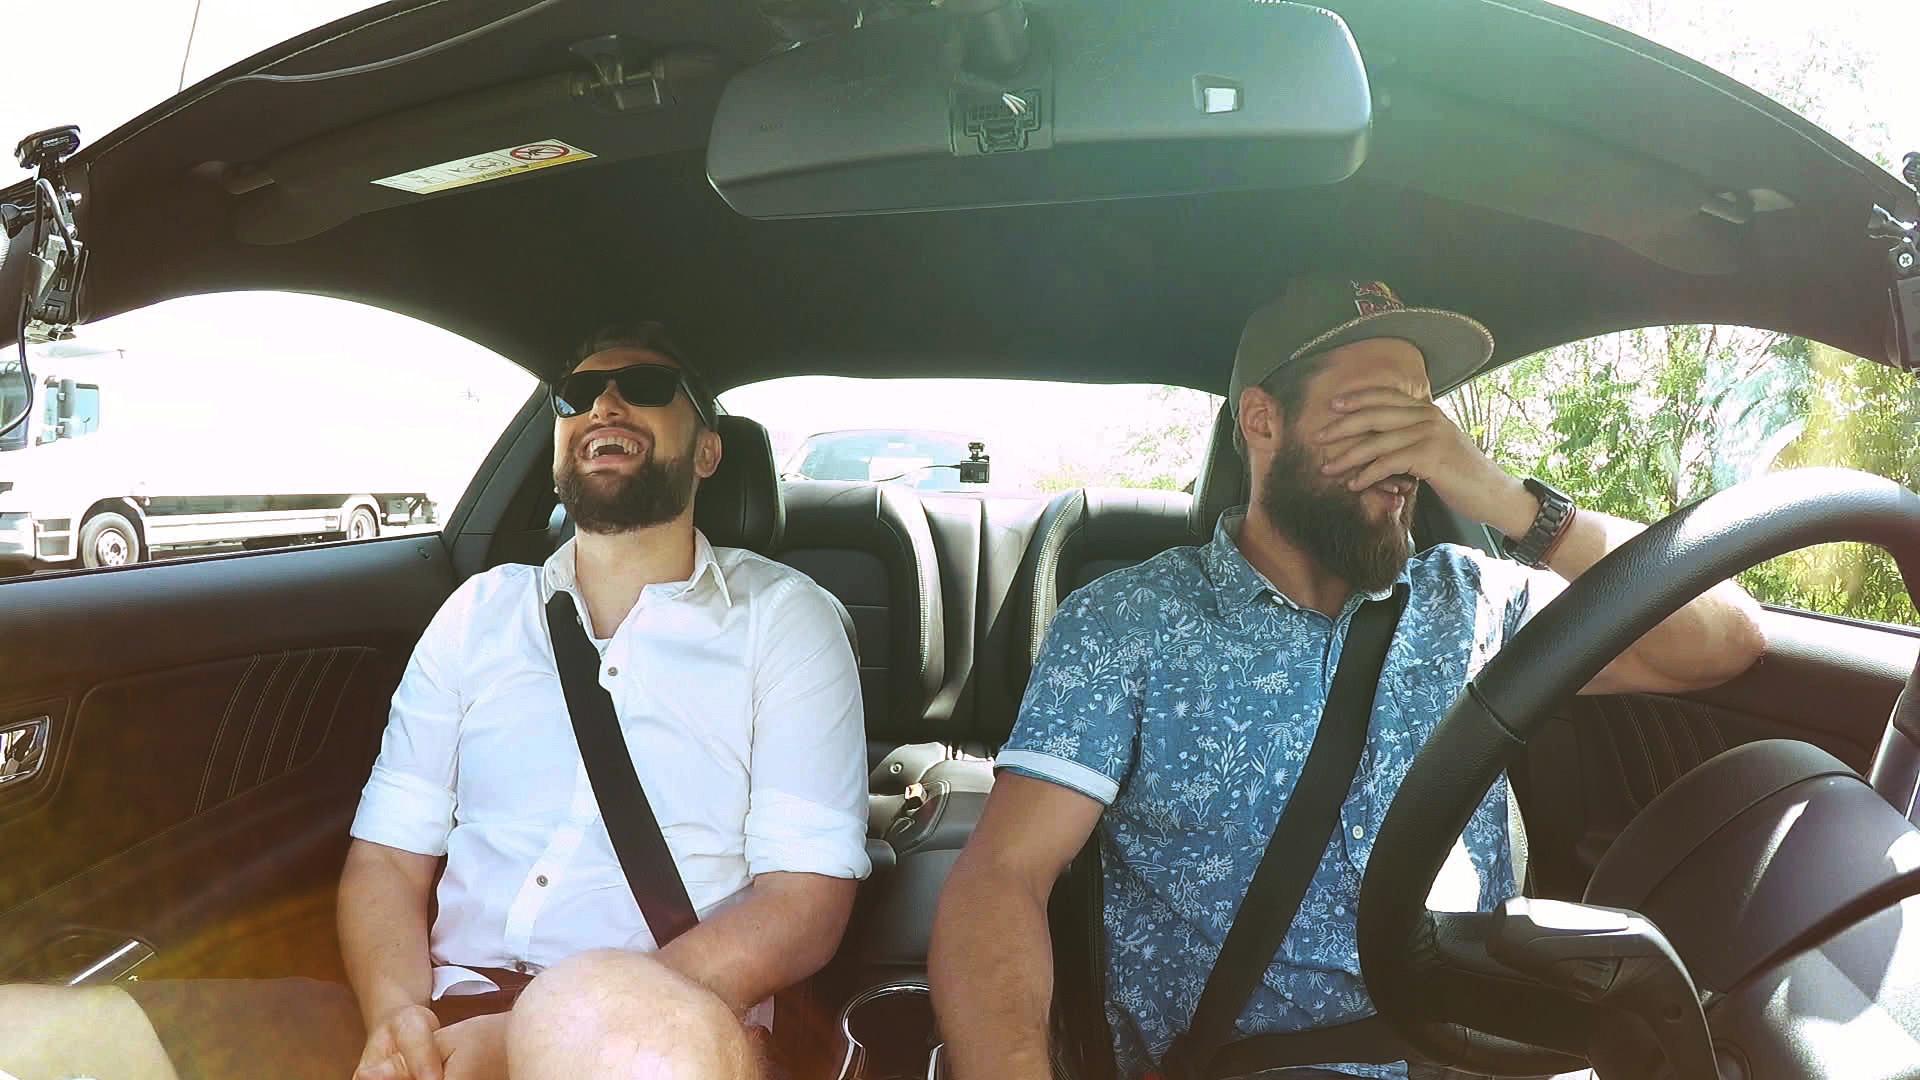 #Neukrotljivi: kako se je na sovozniškem sedežu Mustanga znašel Perica Jerković